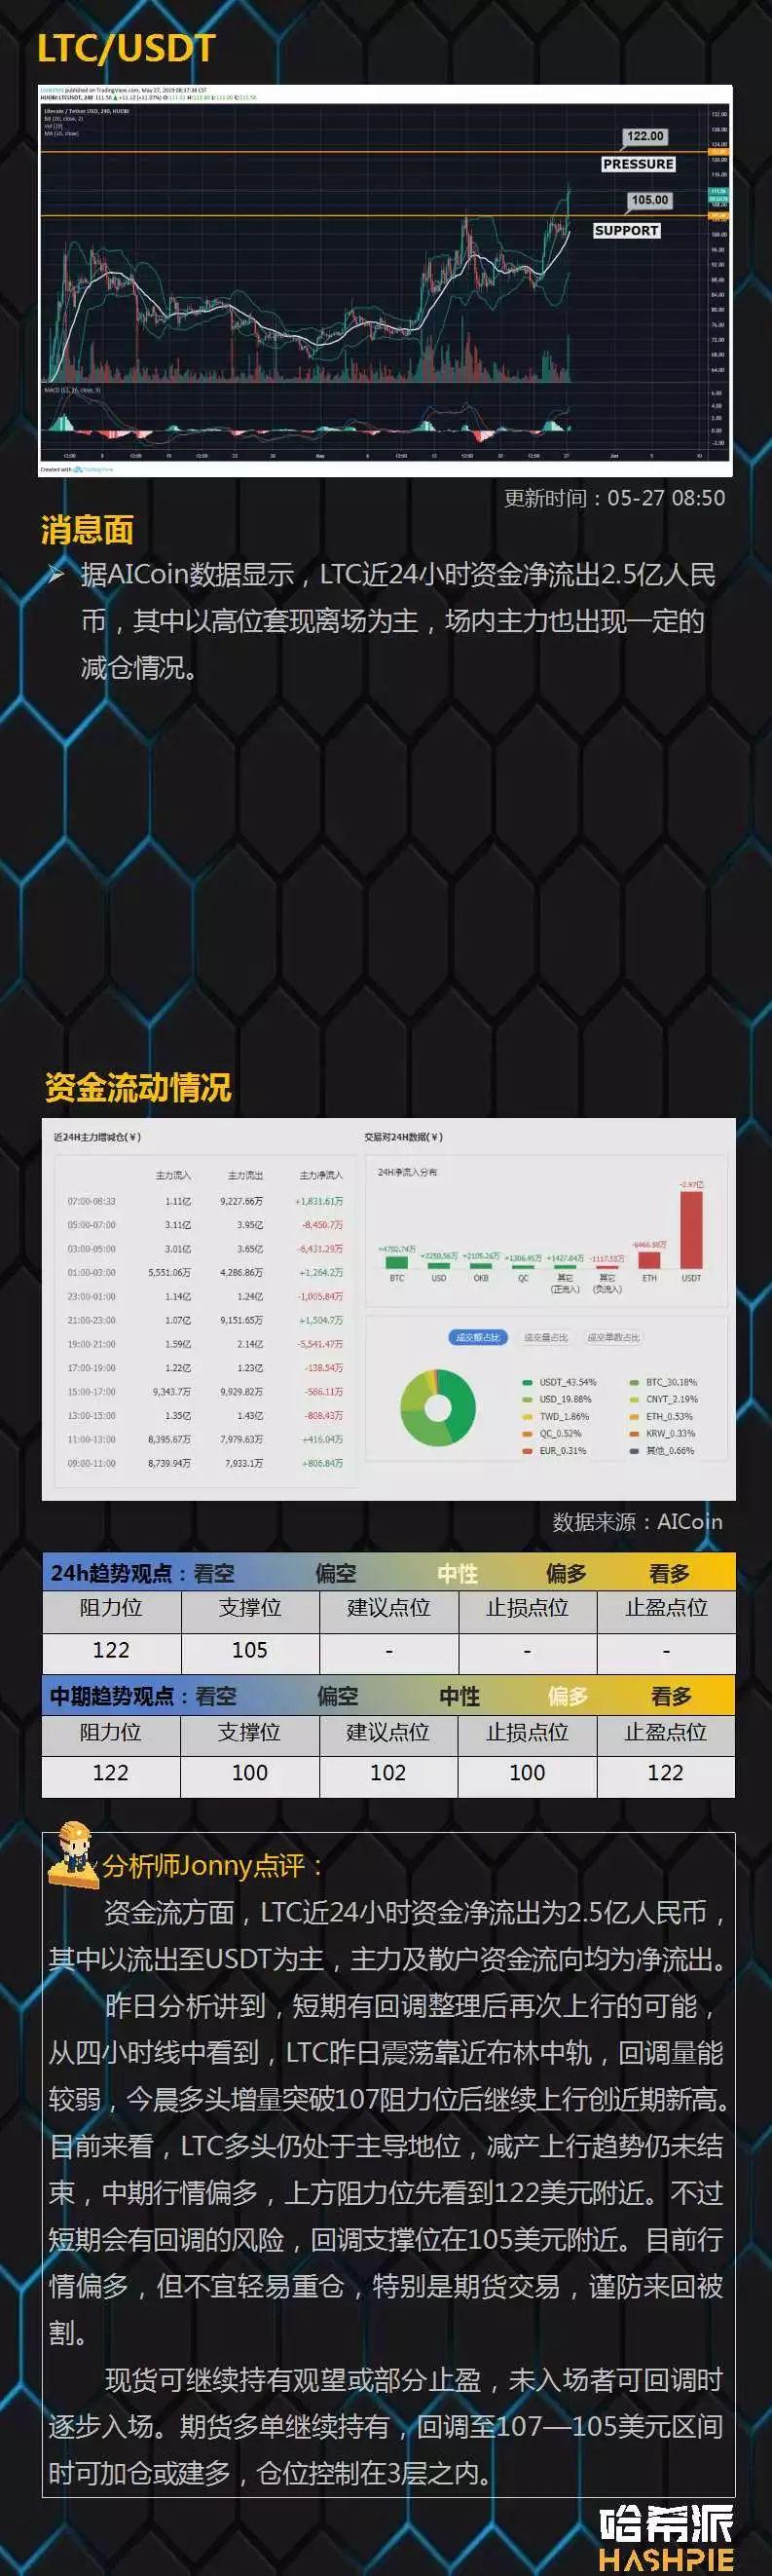 行情分析:BTC又破新高,市值占比超57%